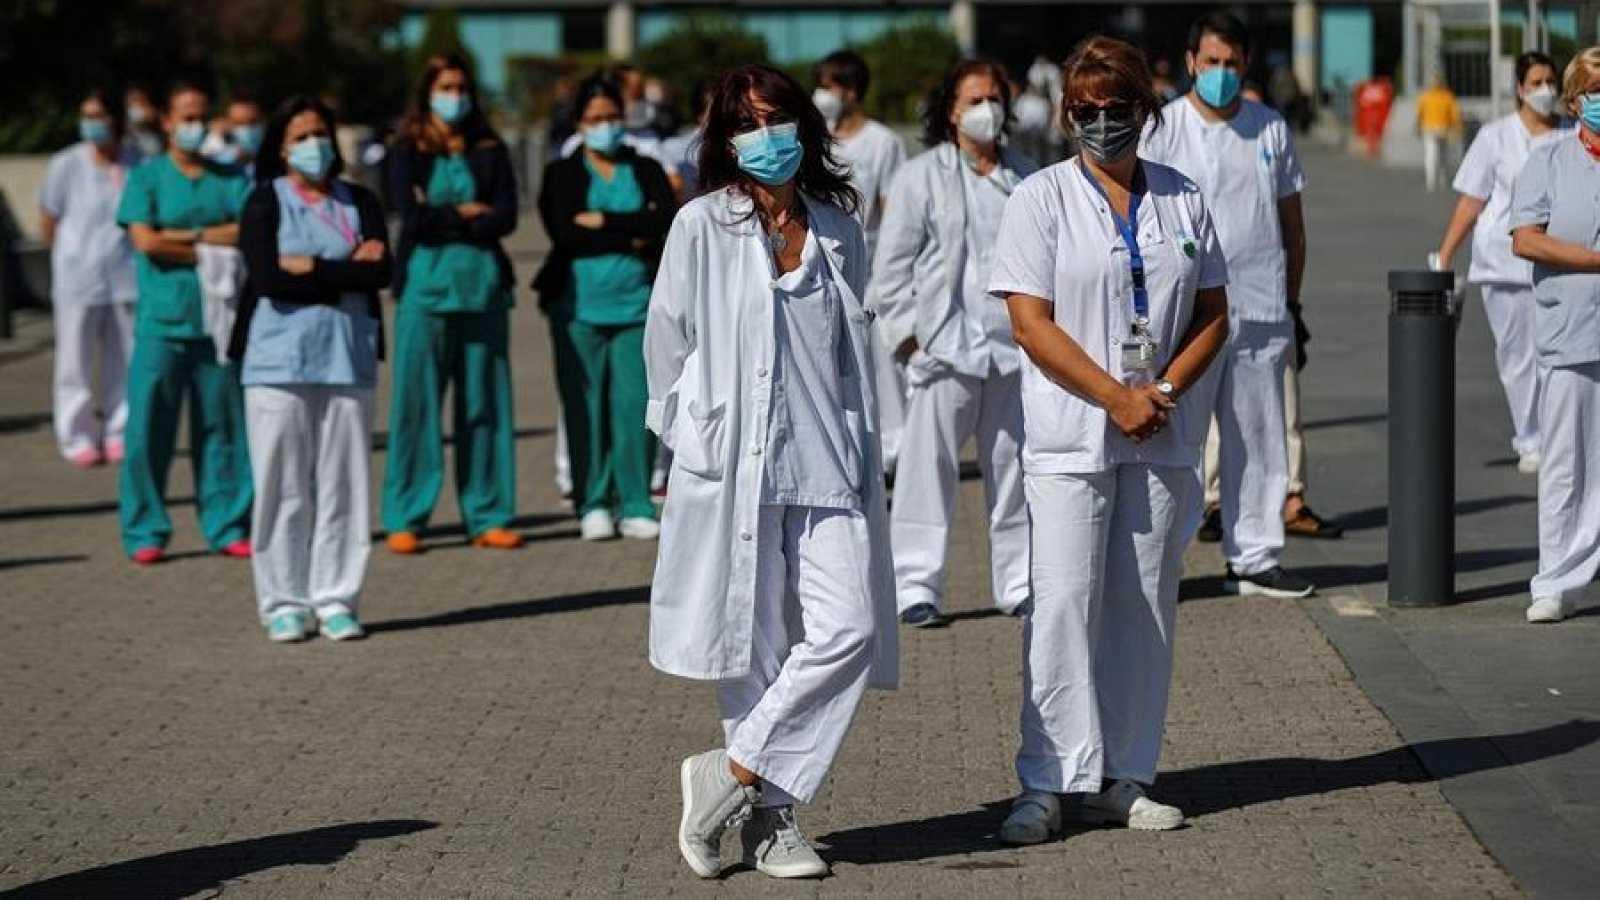 Un grupo de enfermeras se manifiesta en el exterior del hospital La Paz en Madrid